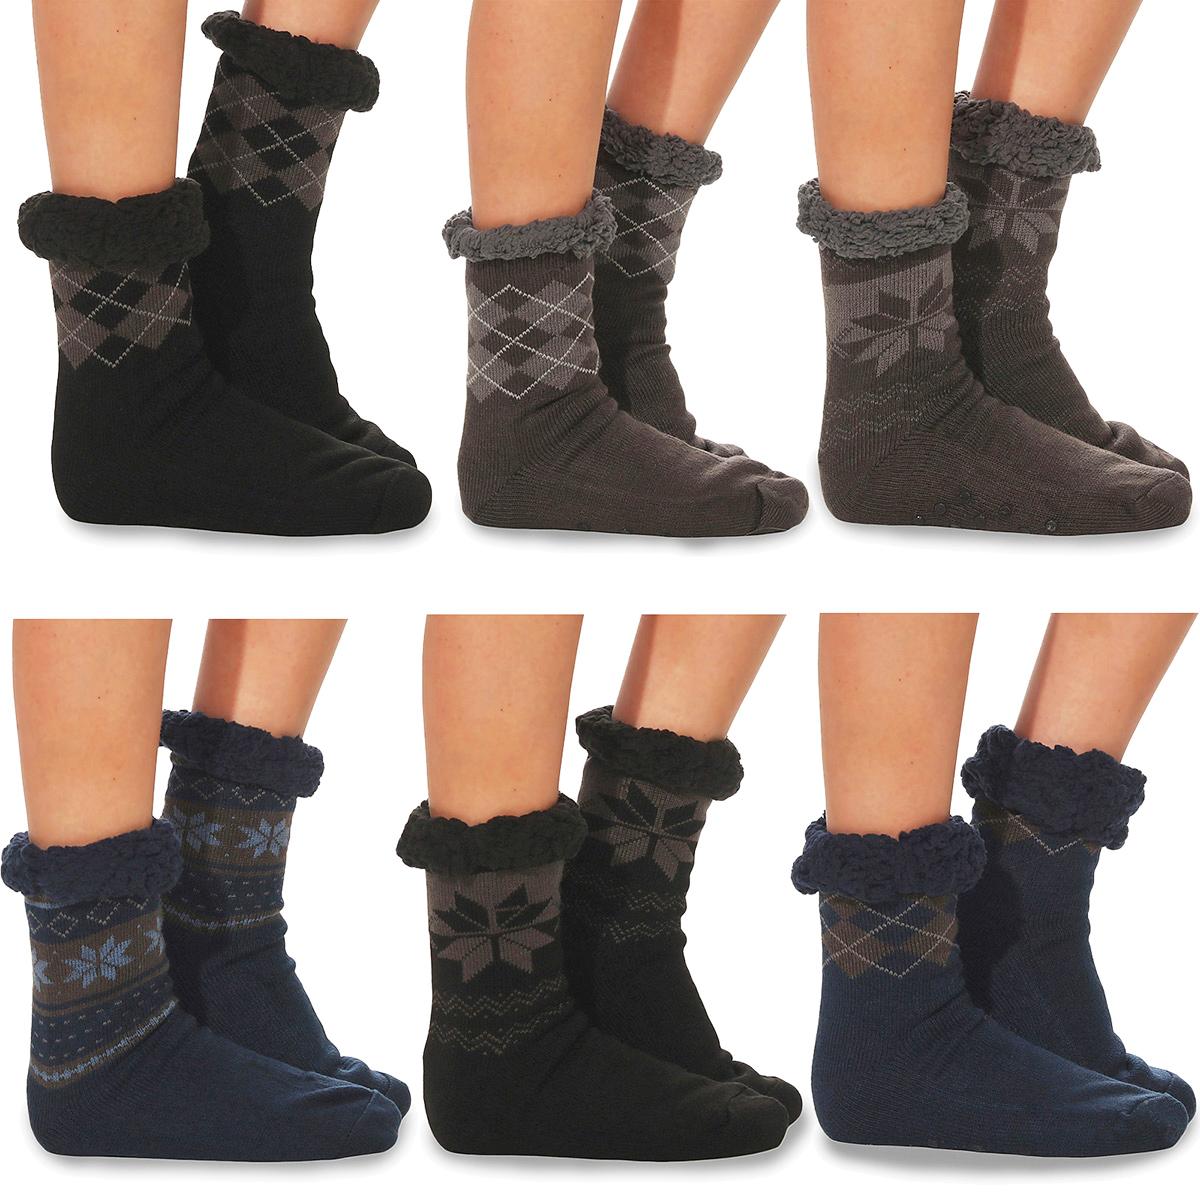 Damen Kuschel Hüttensocken Anti Rutsch ABS Socken Norweger Style blau grau neu